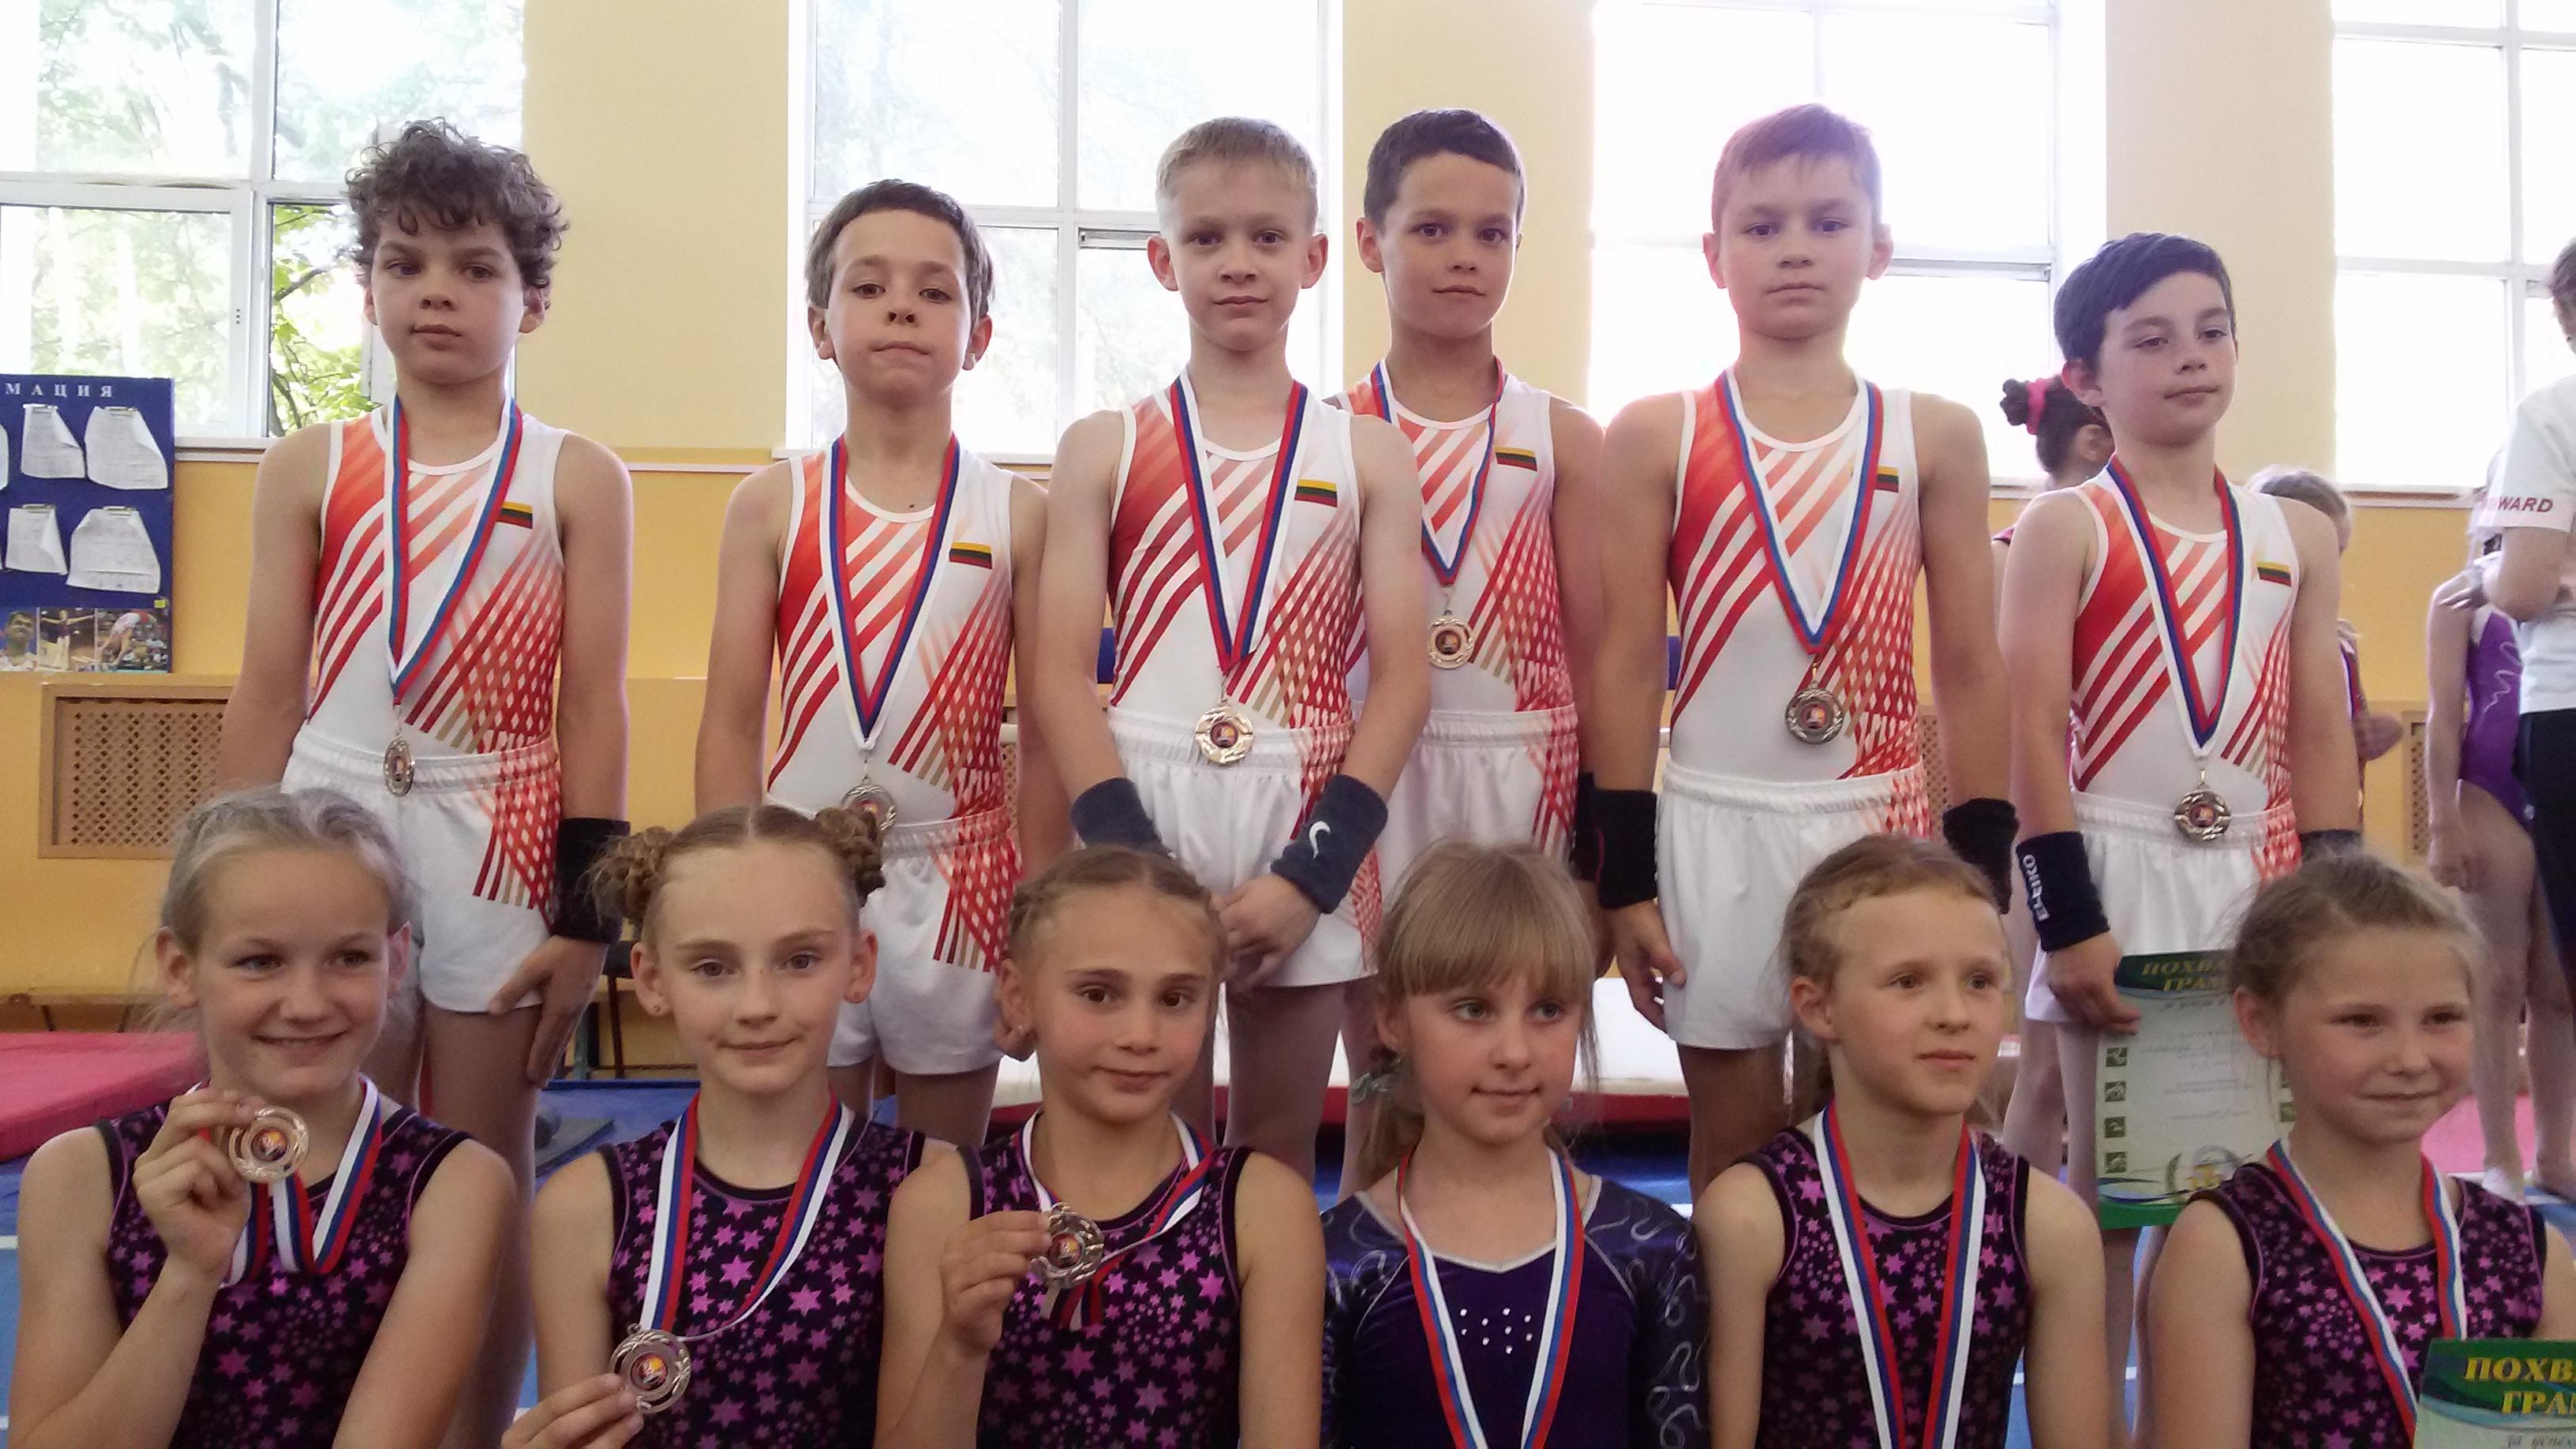 Klaipėdos berniukų komanda su medaliais